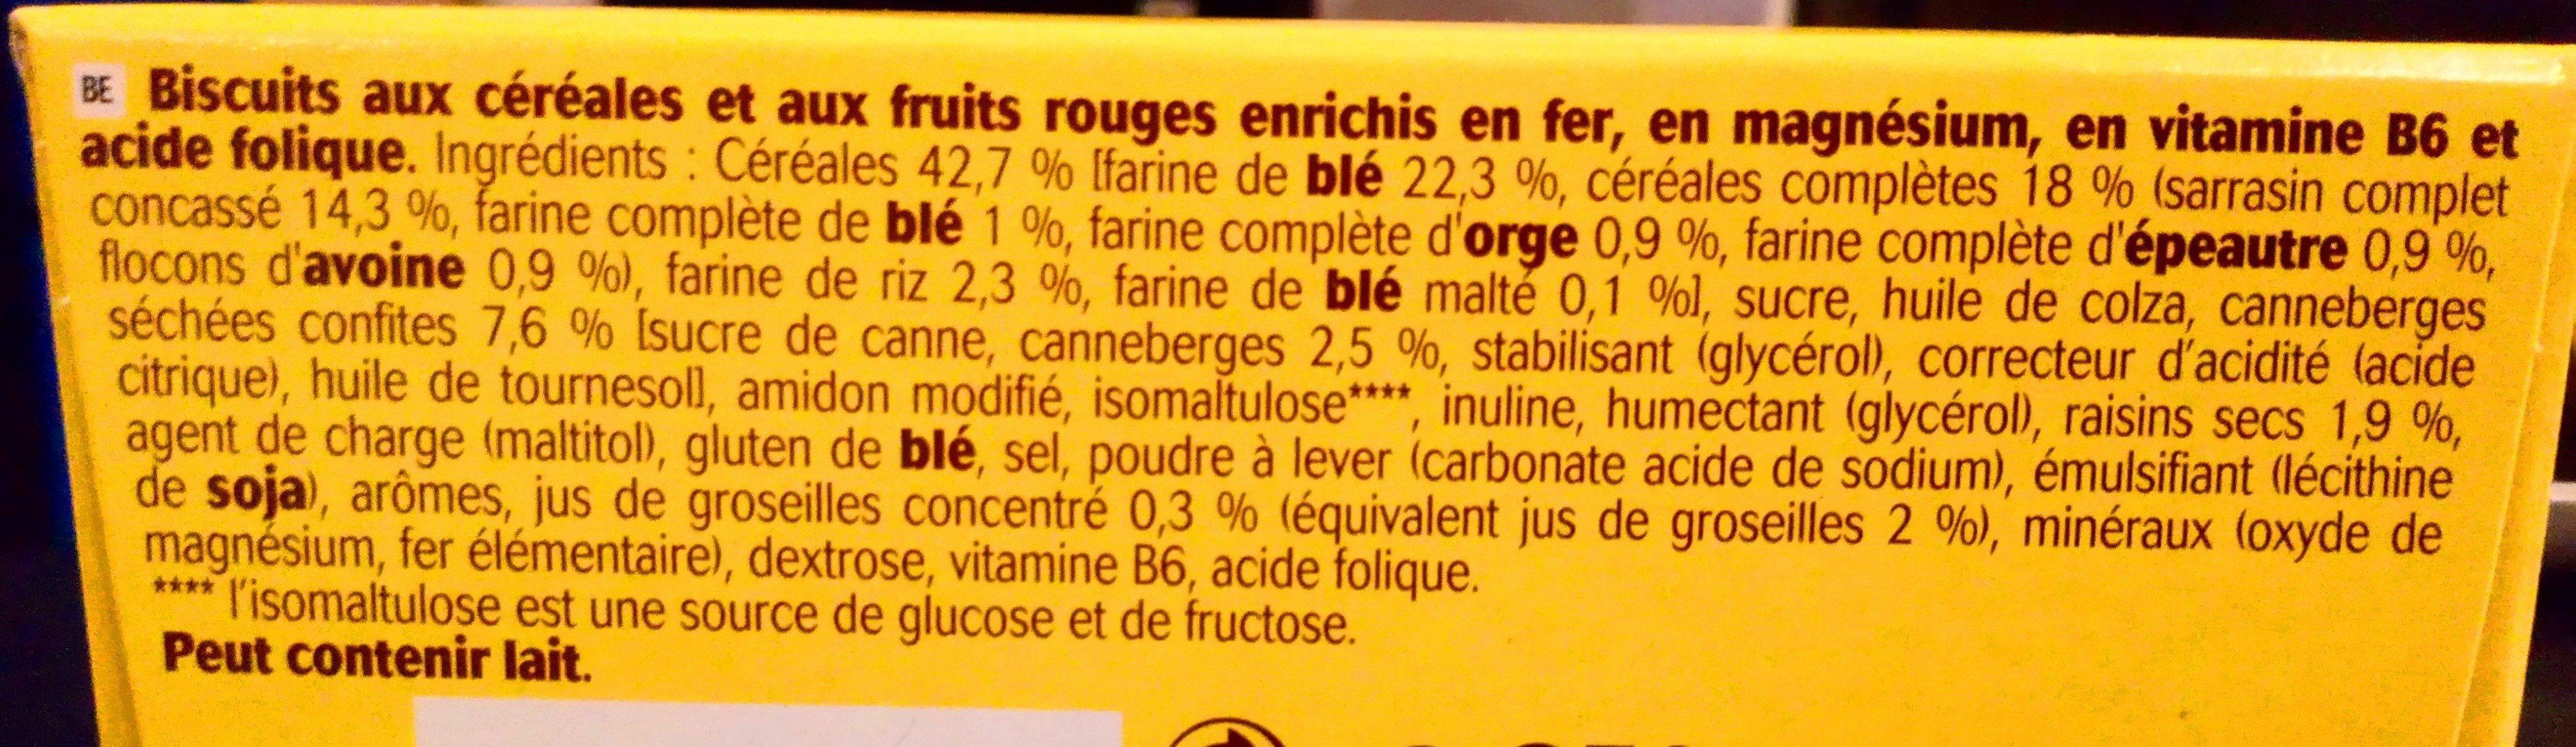 Belvita Soft Baked Fruits rouges - Ingrédients